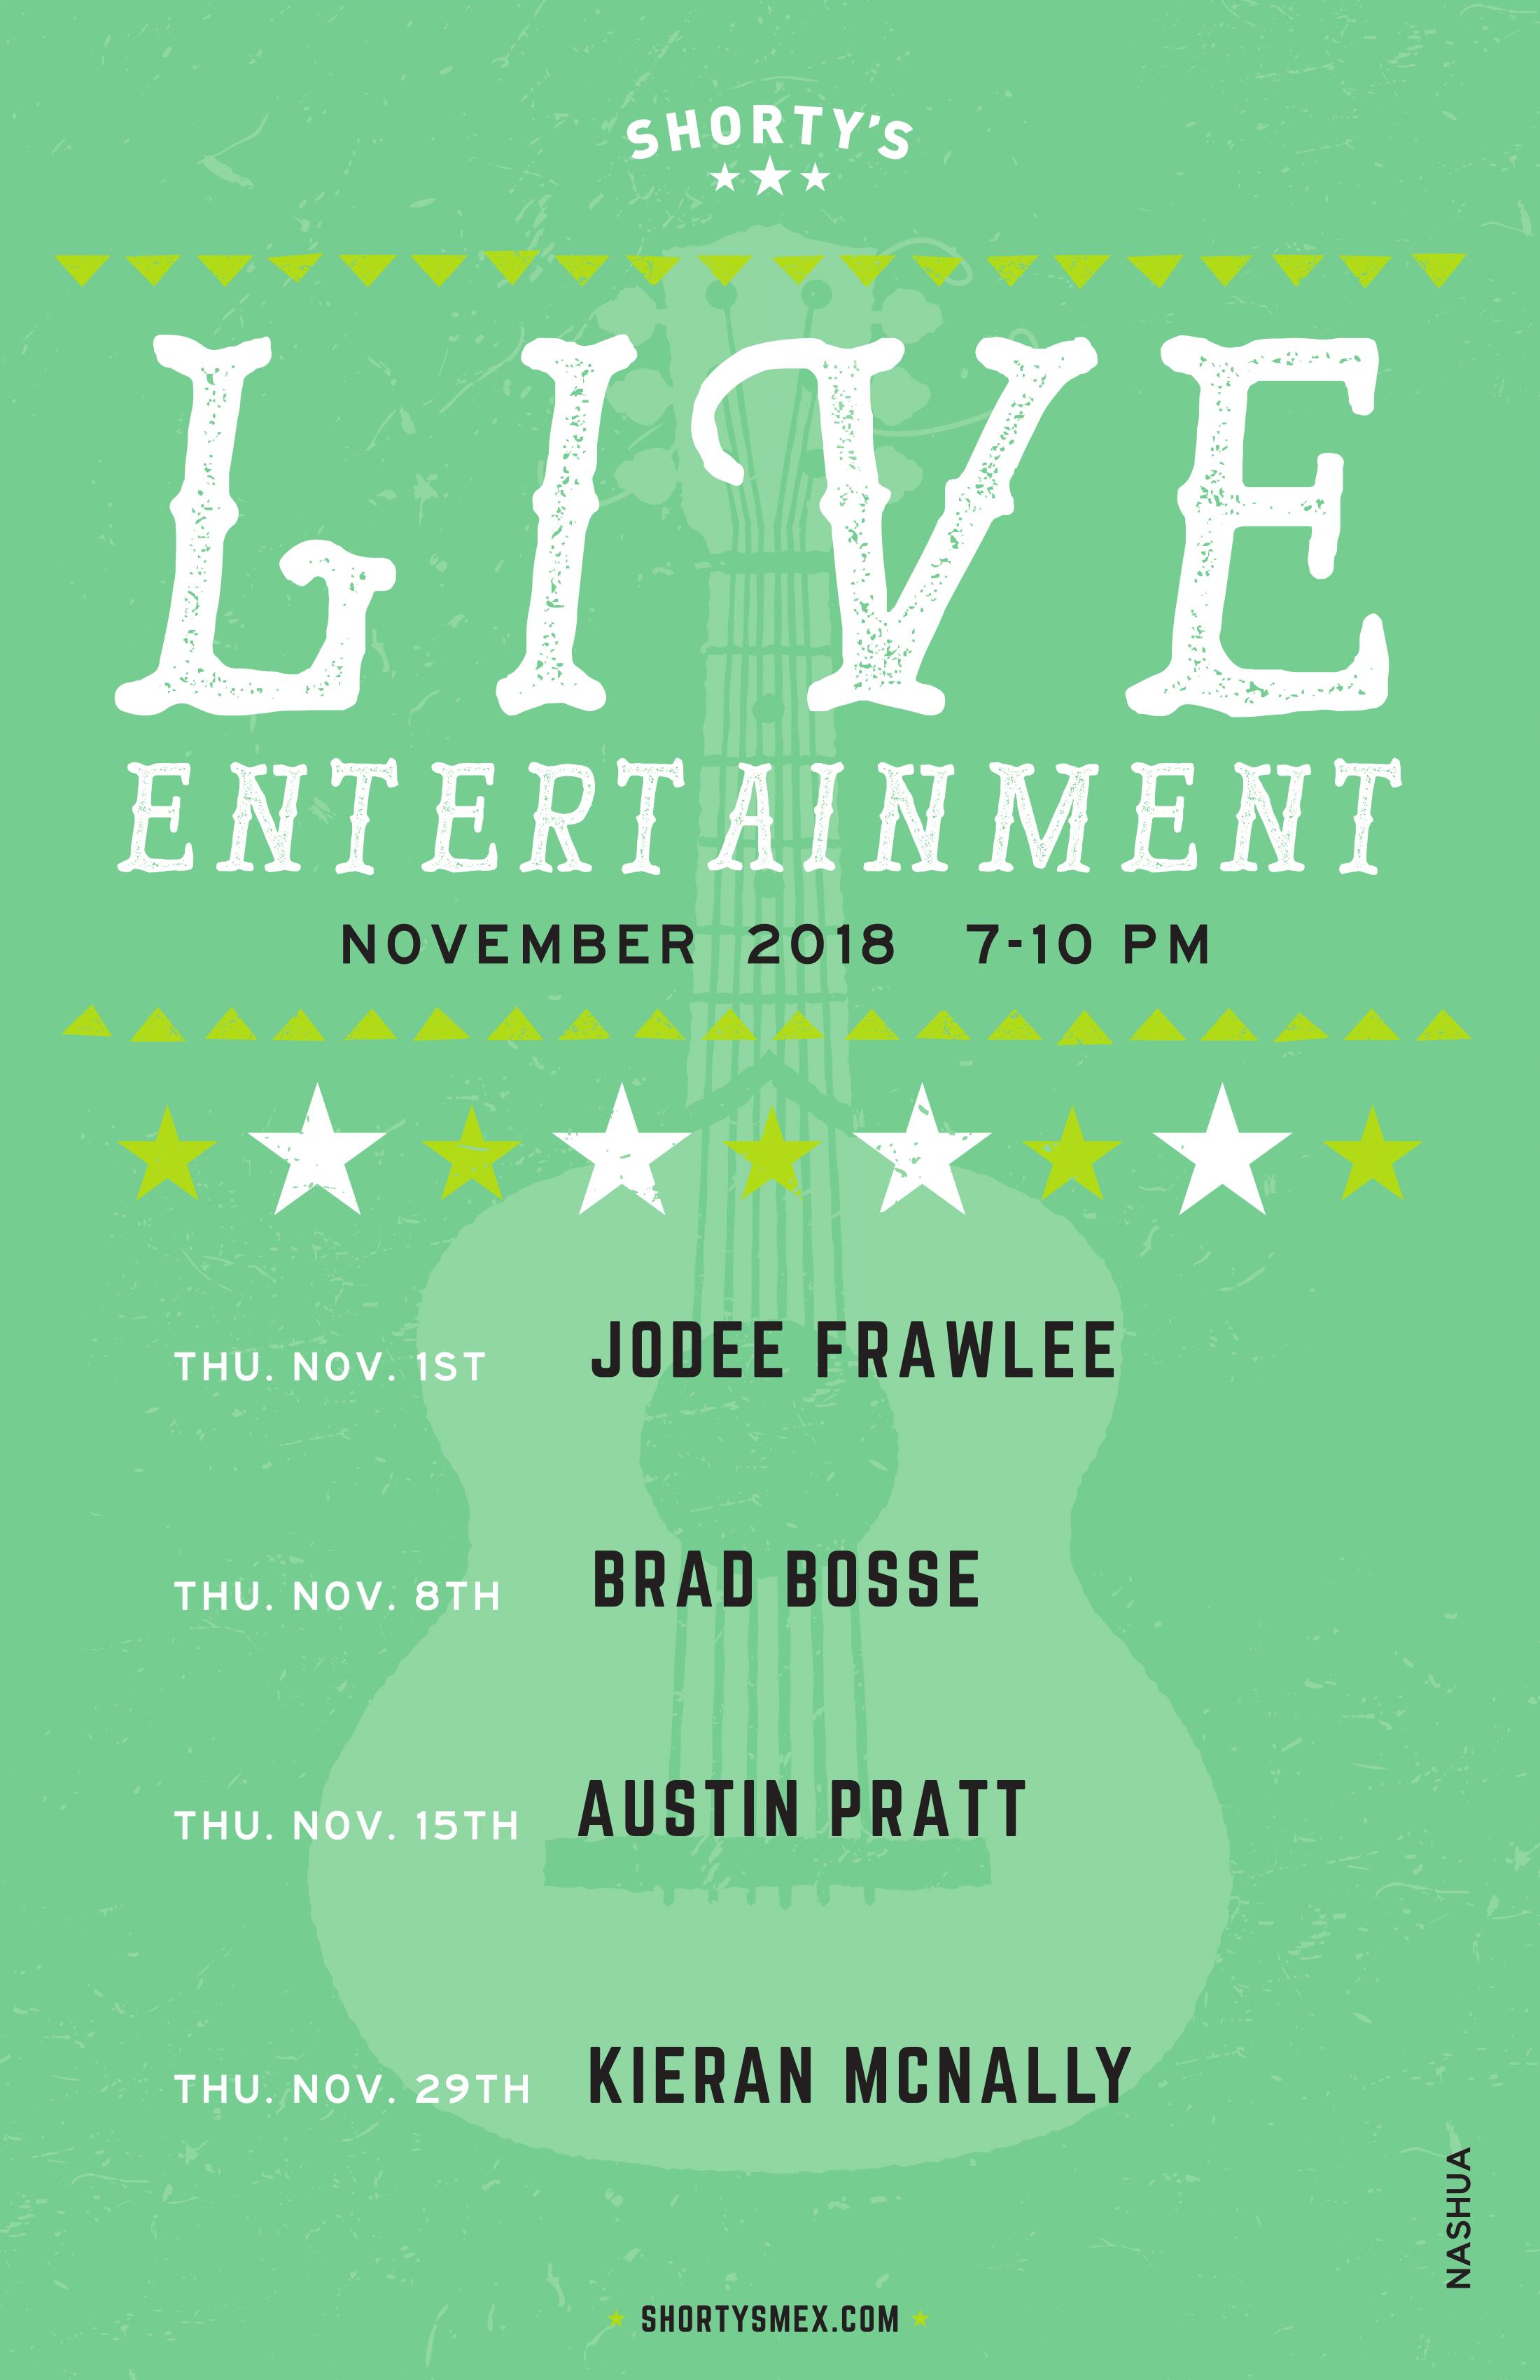 Shorty's Live Entertainment Calendar - November in Nashua